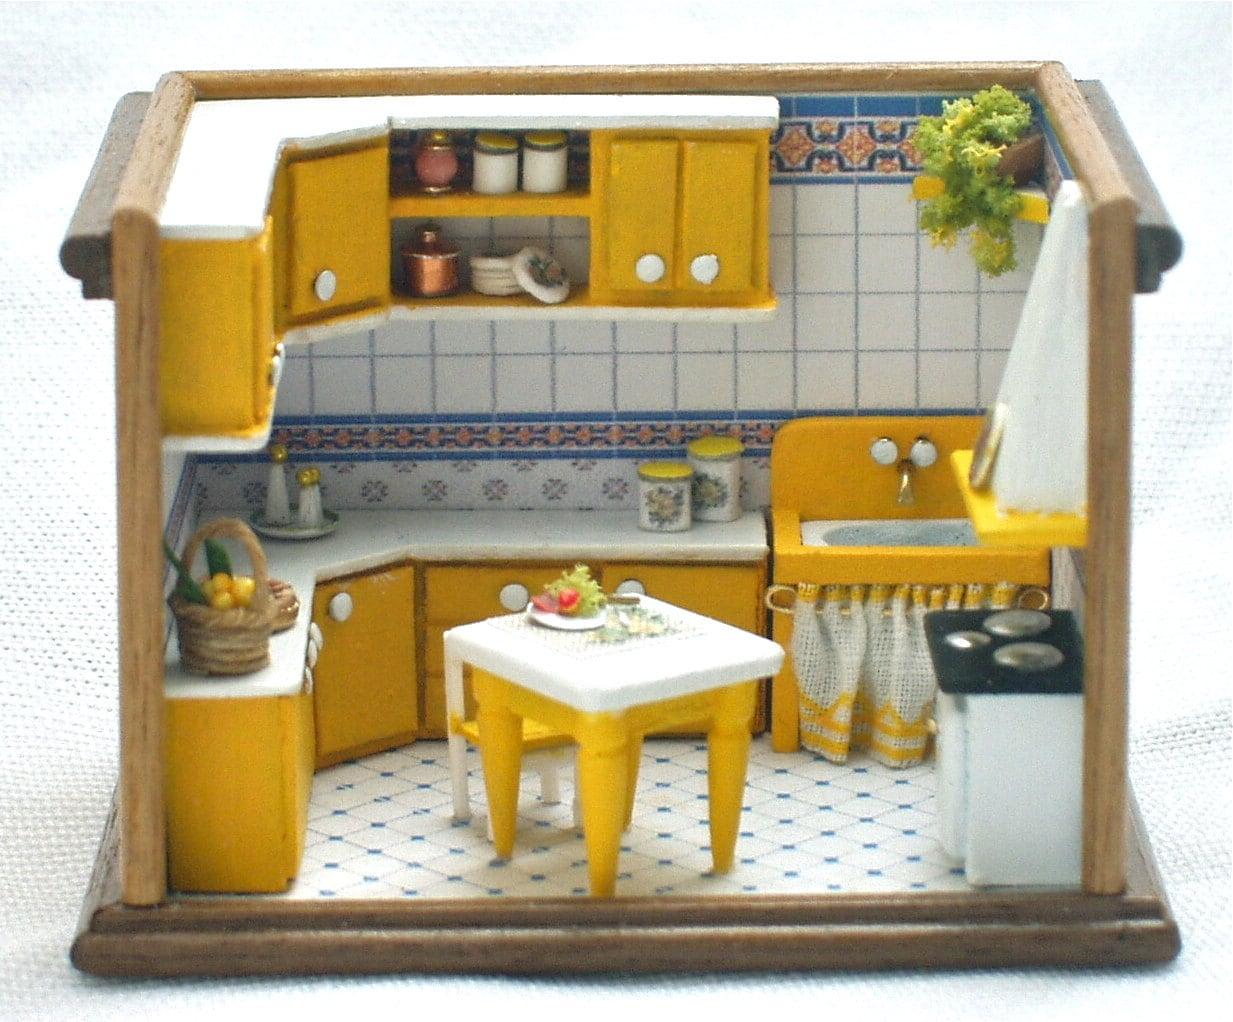 Cucina gialla roombox scala 1/144 fatto a mano.OOAK